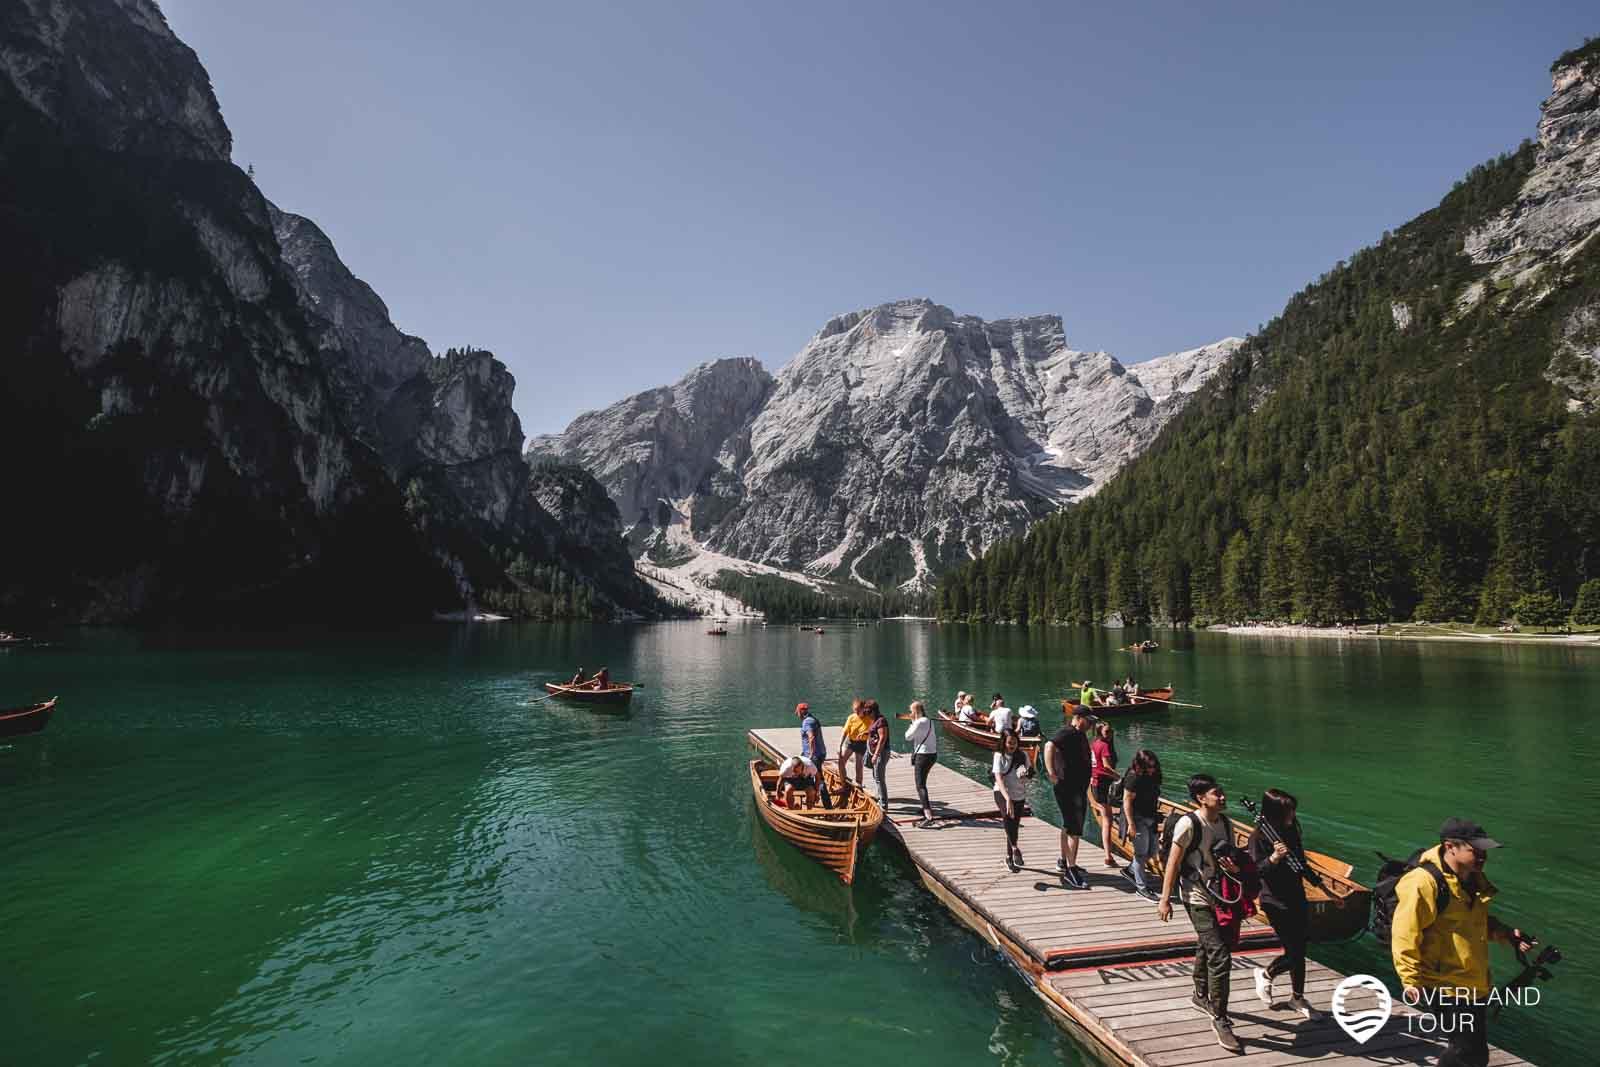 Ab spätestens kurz vor 10 Uhr kommen die Besuchermassen und der Pragser Wildsee verliert sein zauber